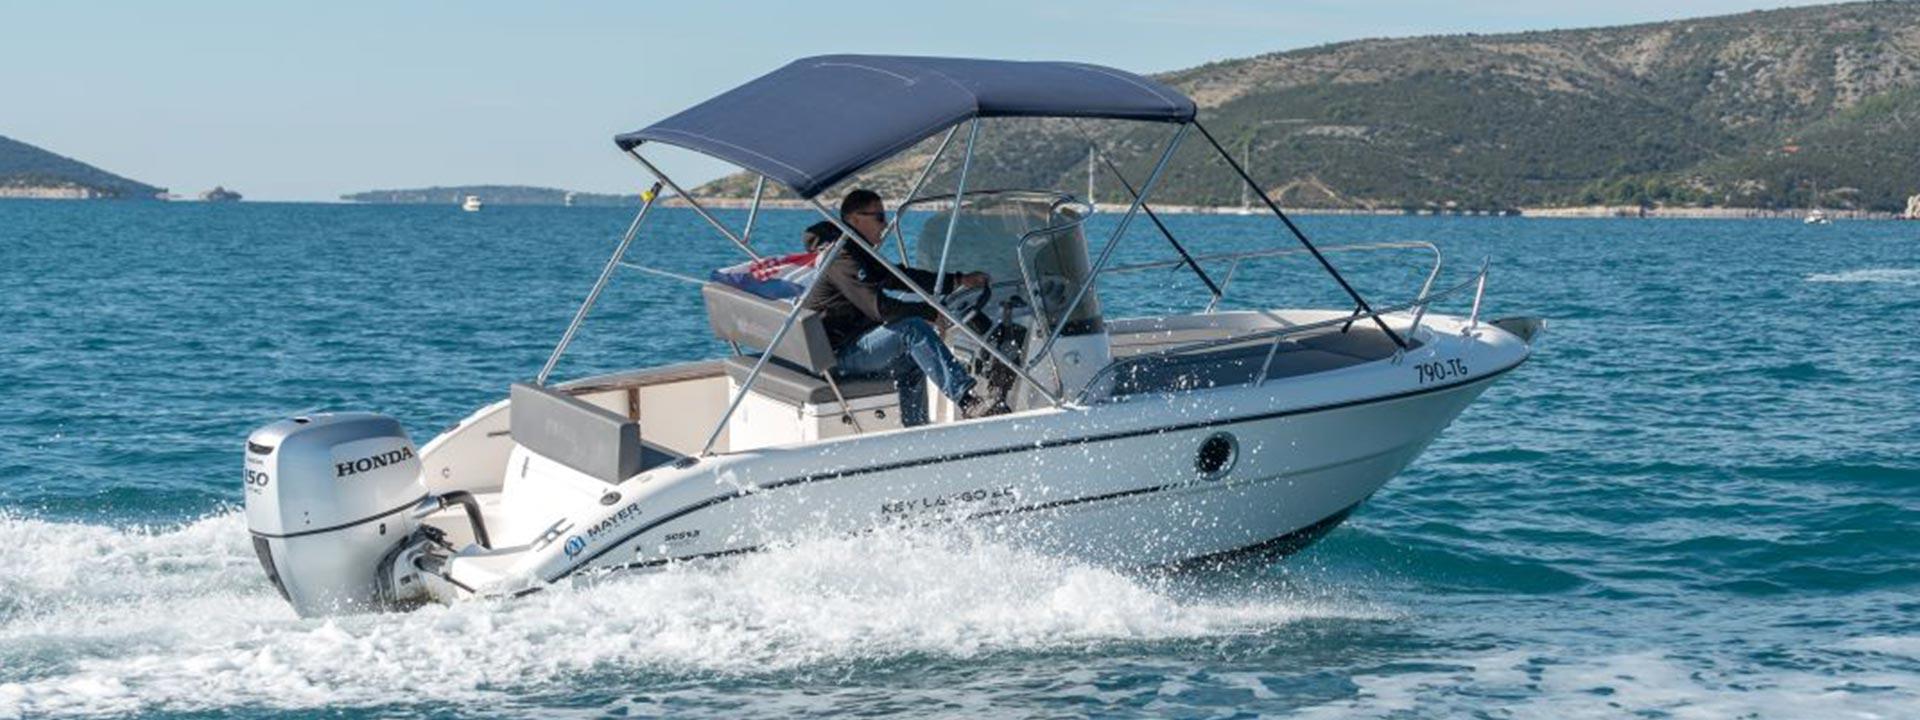 mayer-charter-boat-header-sessa-keylargo-20-01